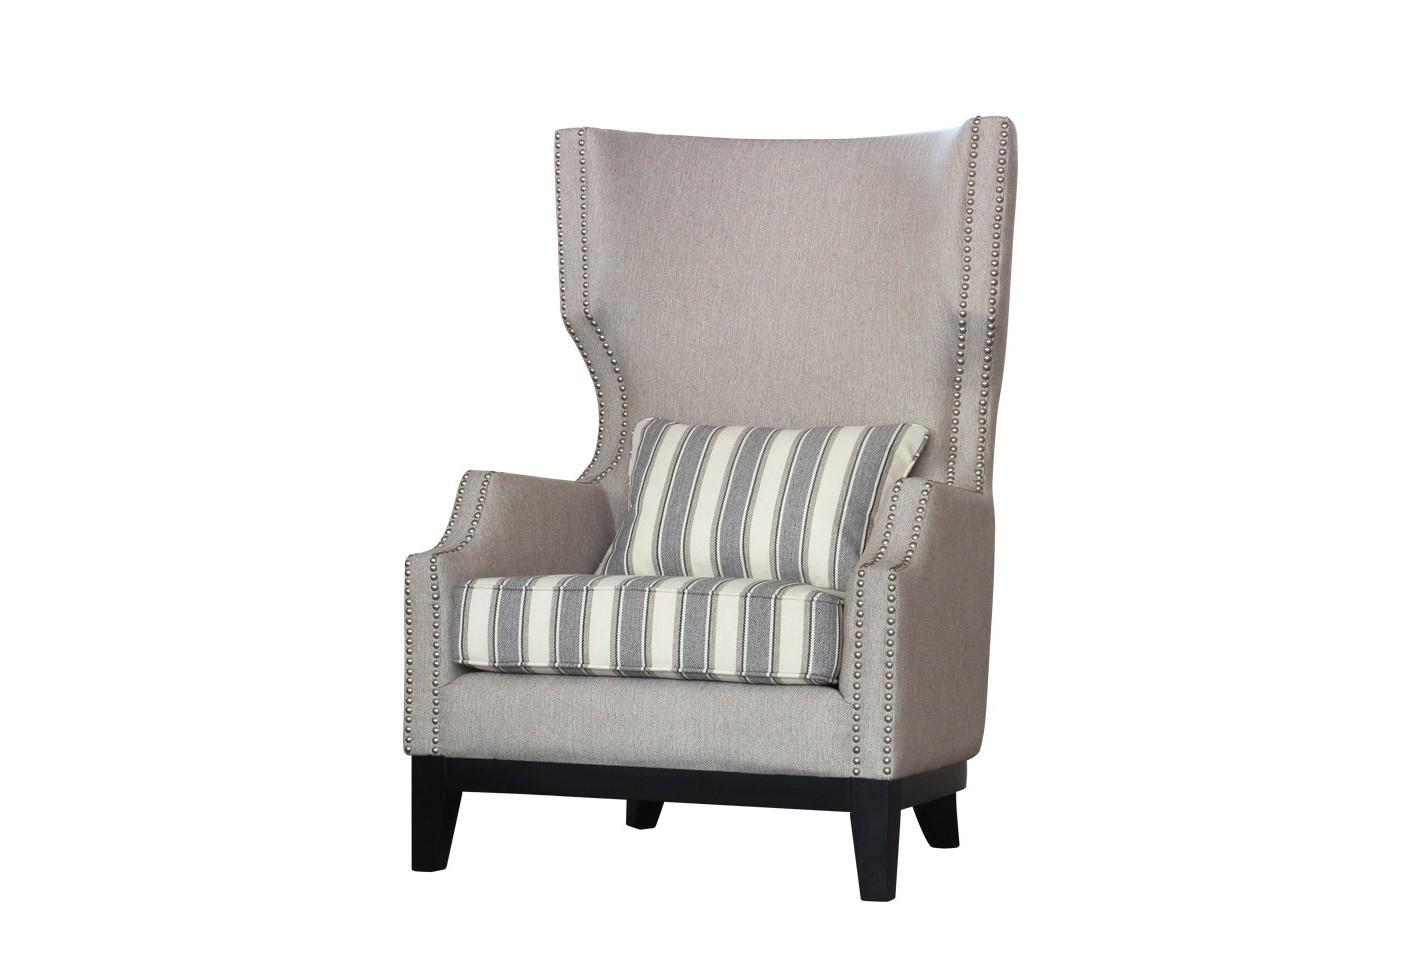 Кресло AdelisИнтерьерные кресла<br><br><br>Material: Текстиль<br>Ширина см: 80<br>Высота см: 118<br>Глубина см: 86